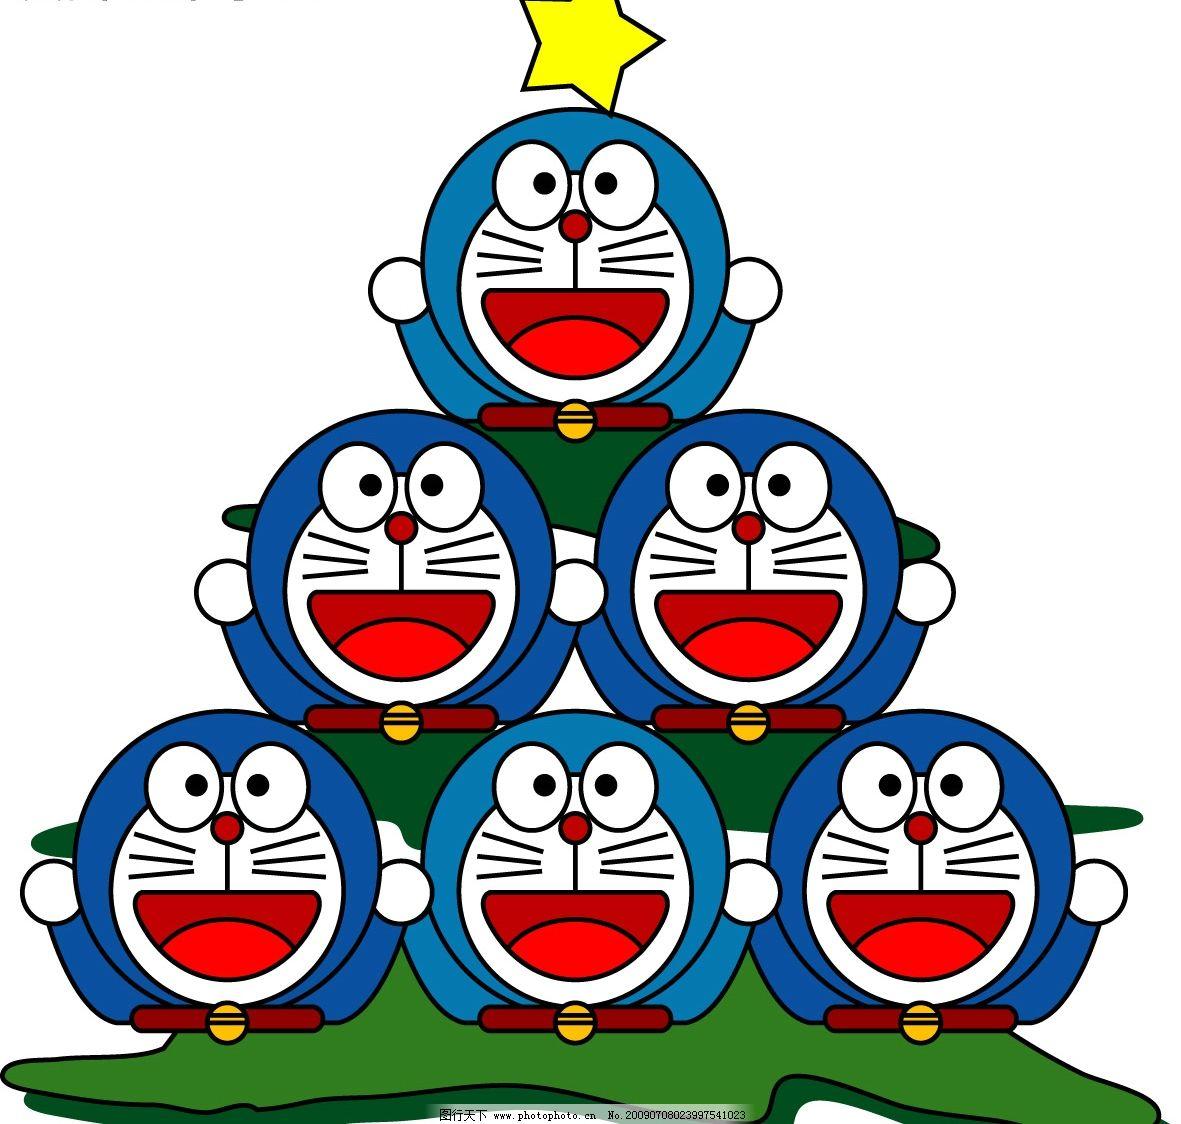 机器猫 小叮铛圣诞树 小叮铛 圣诞树 哆啦a梦 可爱 merry christ